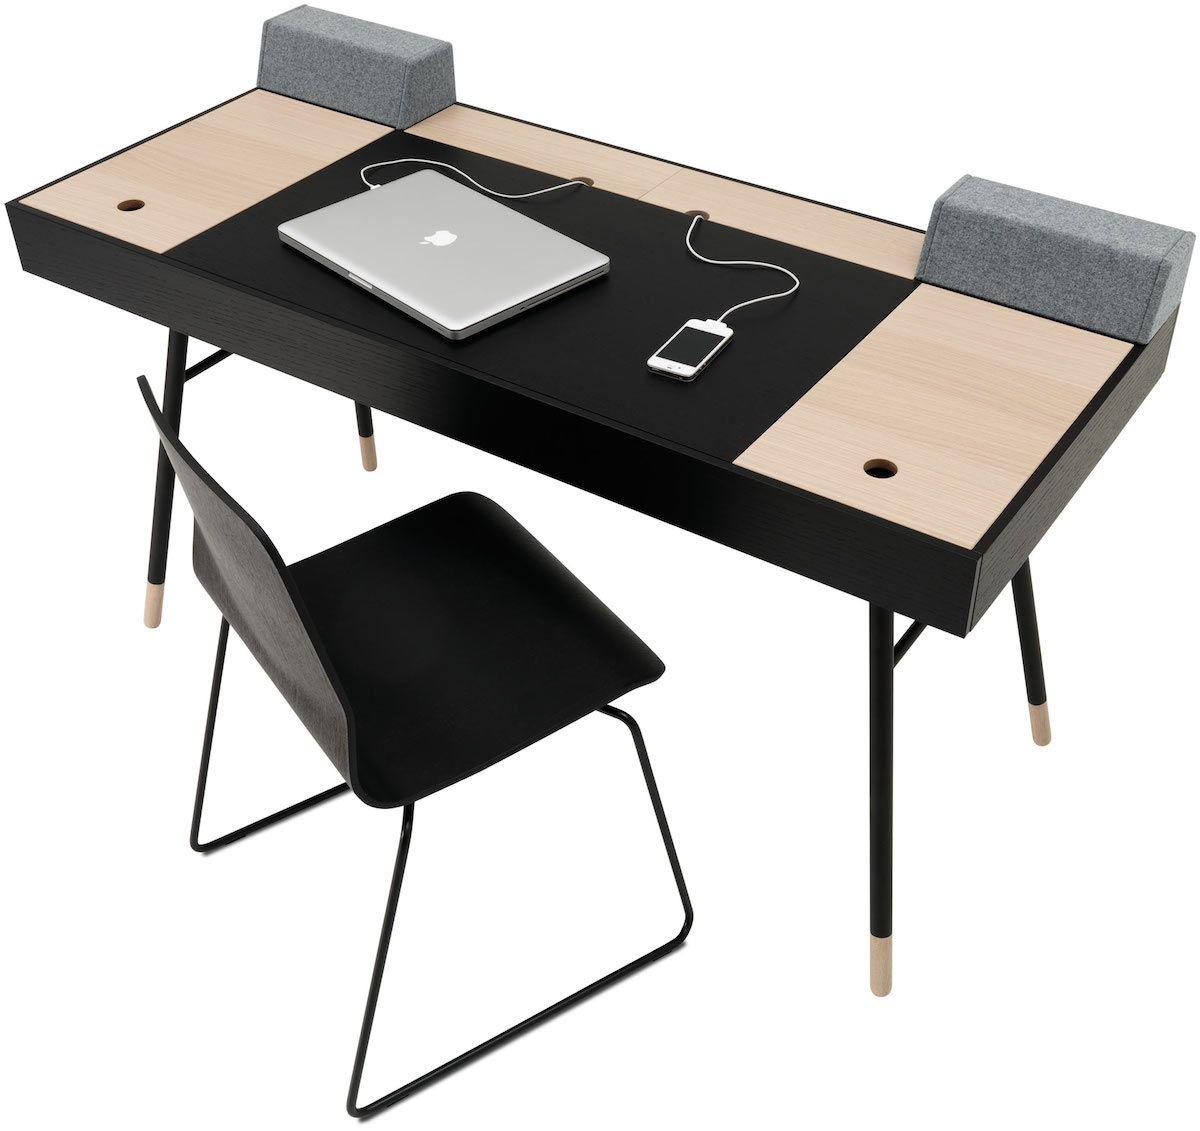 Minimal design blog desks desk furniture design furniture - Schreibtischstuhl modern ...